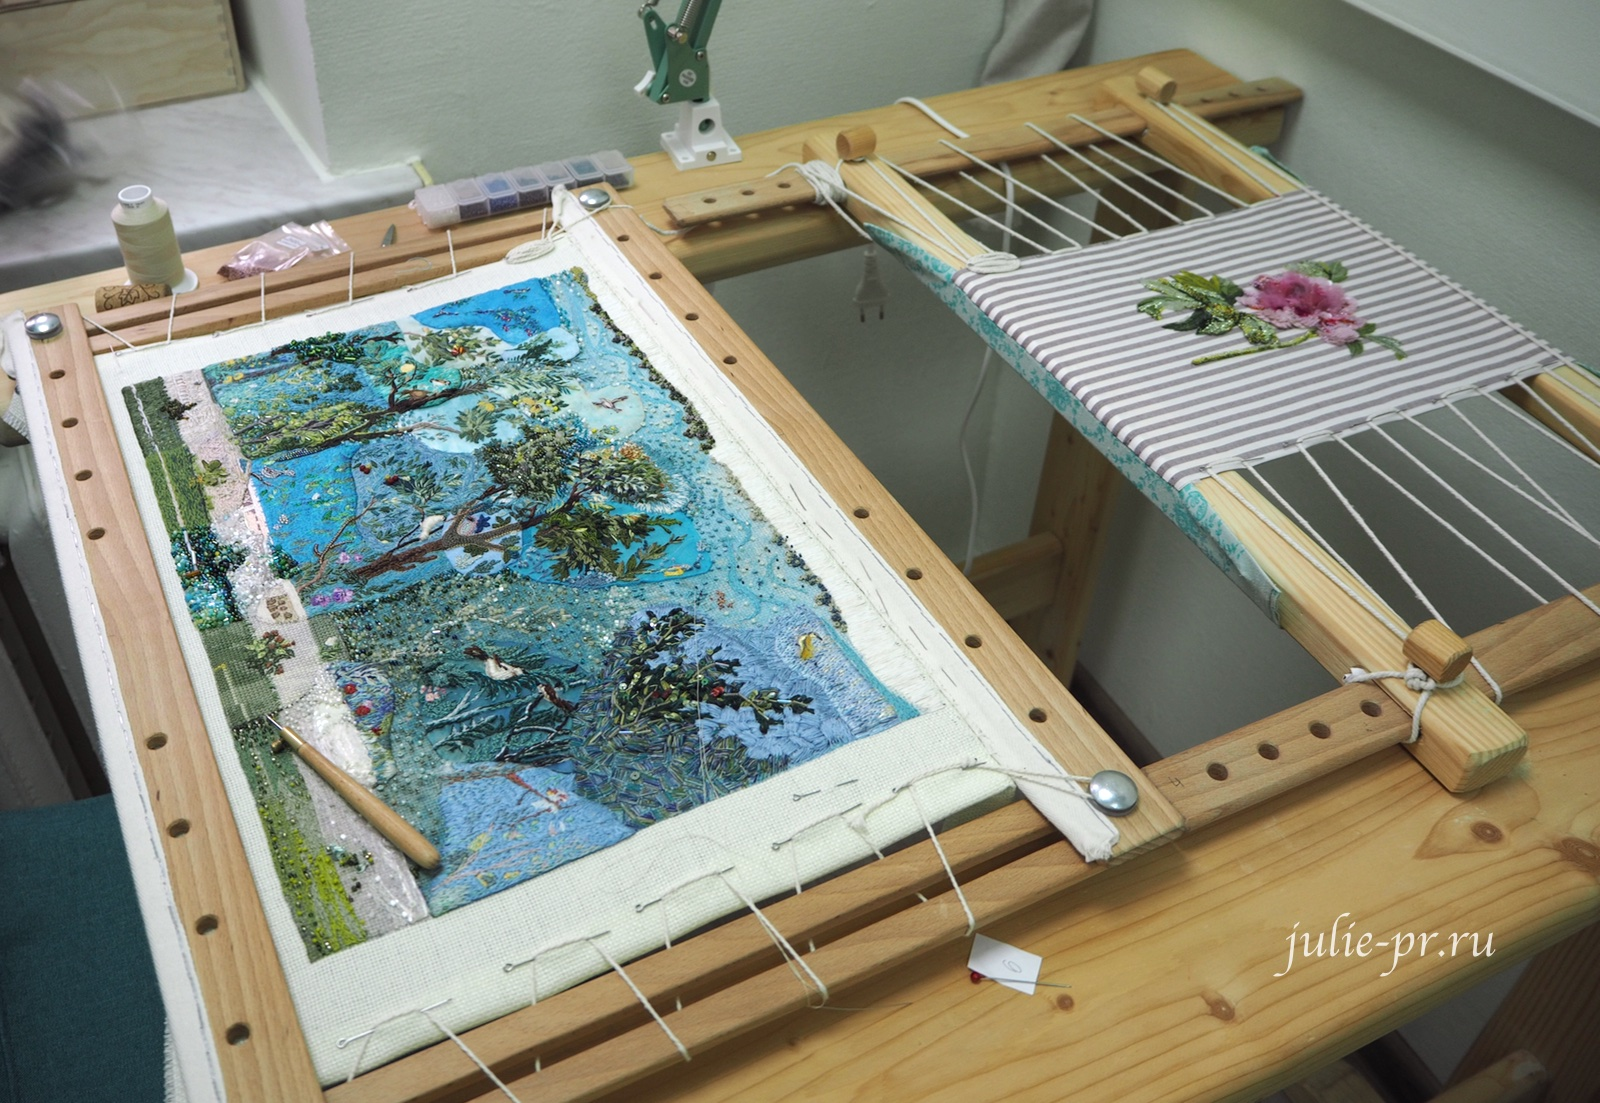 Пион, Катерина Мороз, кутюрная вышивка, сад Ливии, совместный проект